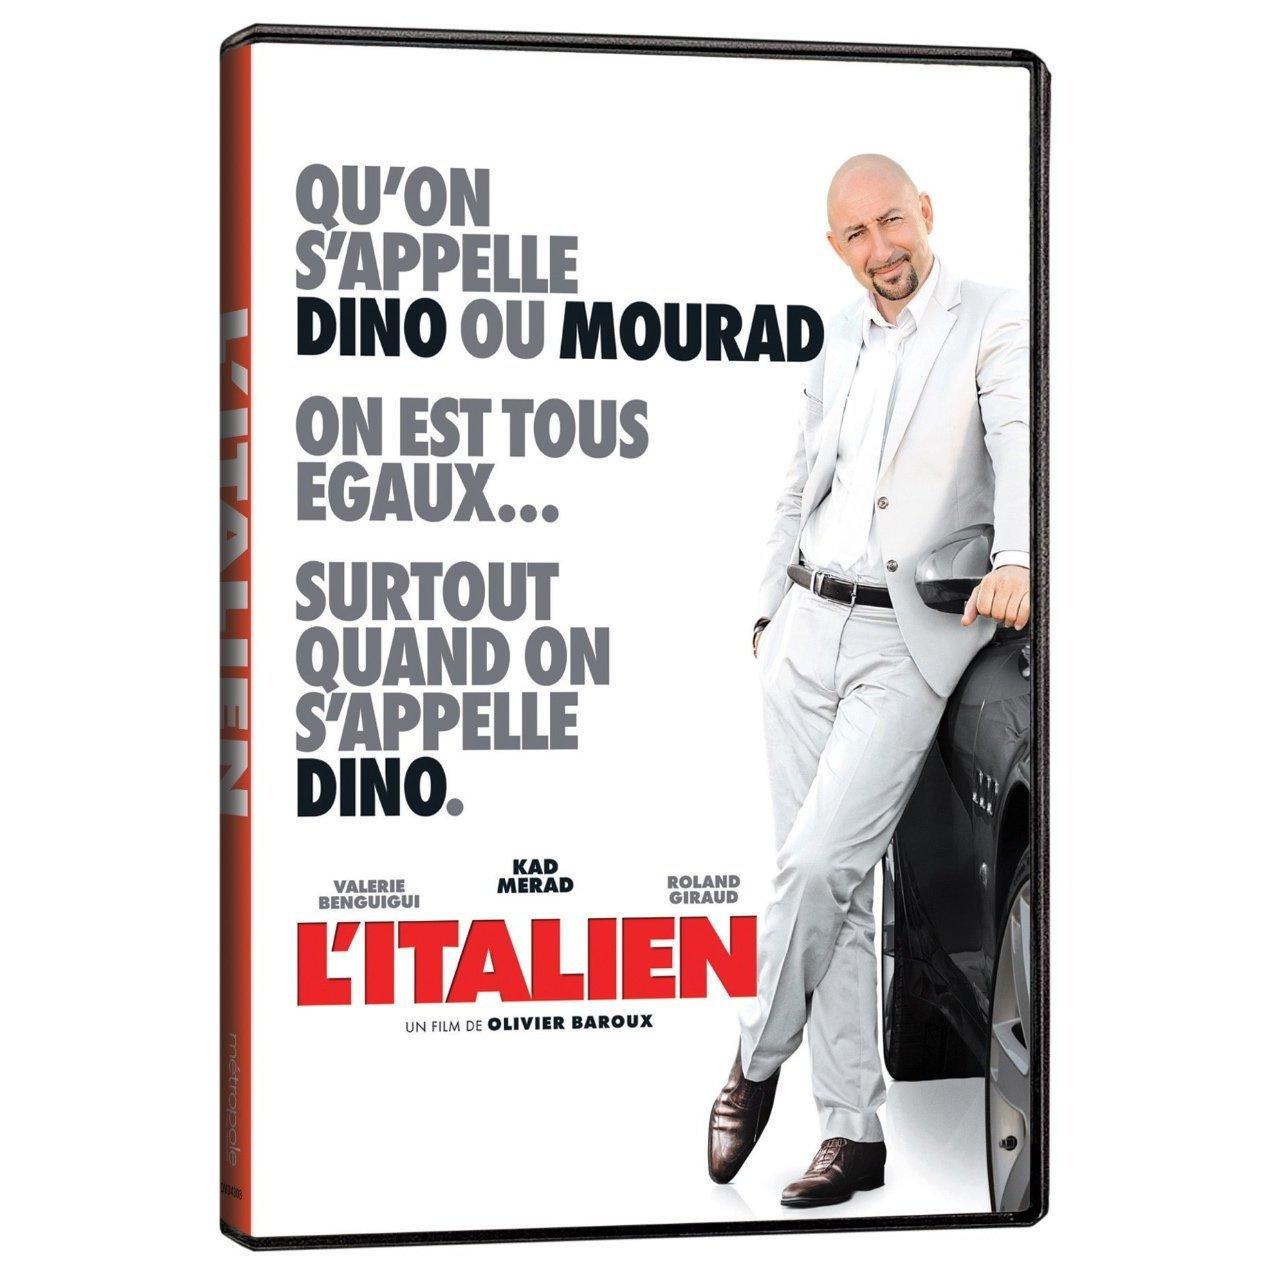 TÉLÉCHARGER LE FILM LITALIEN AVEC KAD MERAD